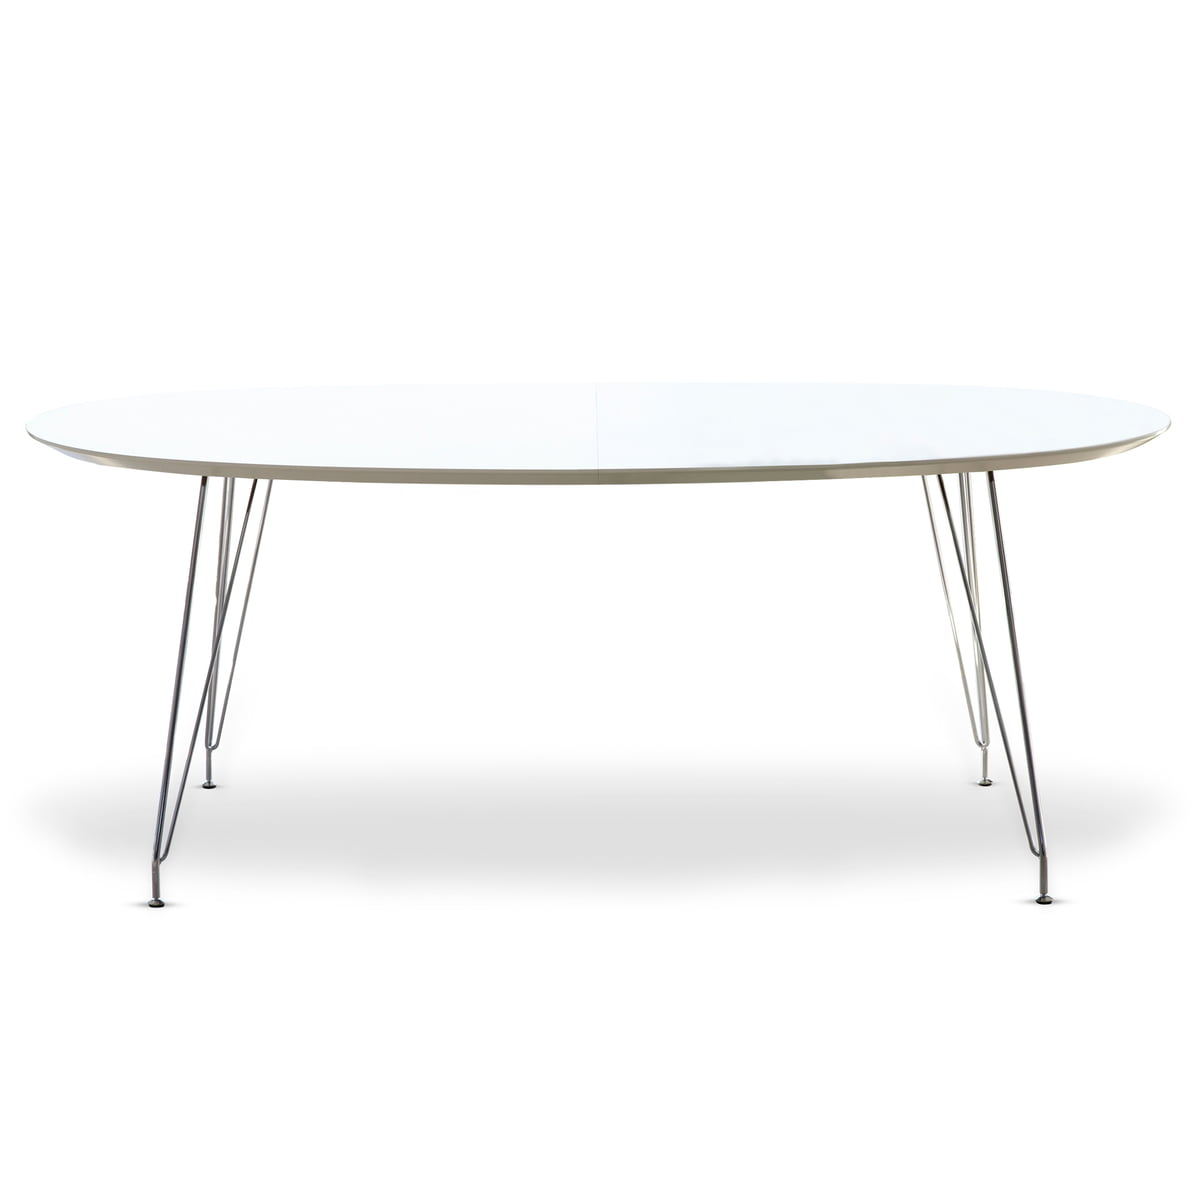 Eettafel Uitklapbaar Wit.Andersen Furniture Dk10 Uitschuifbare Tafel Ovaal Verchroomd Wit